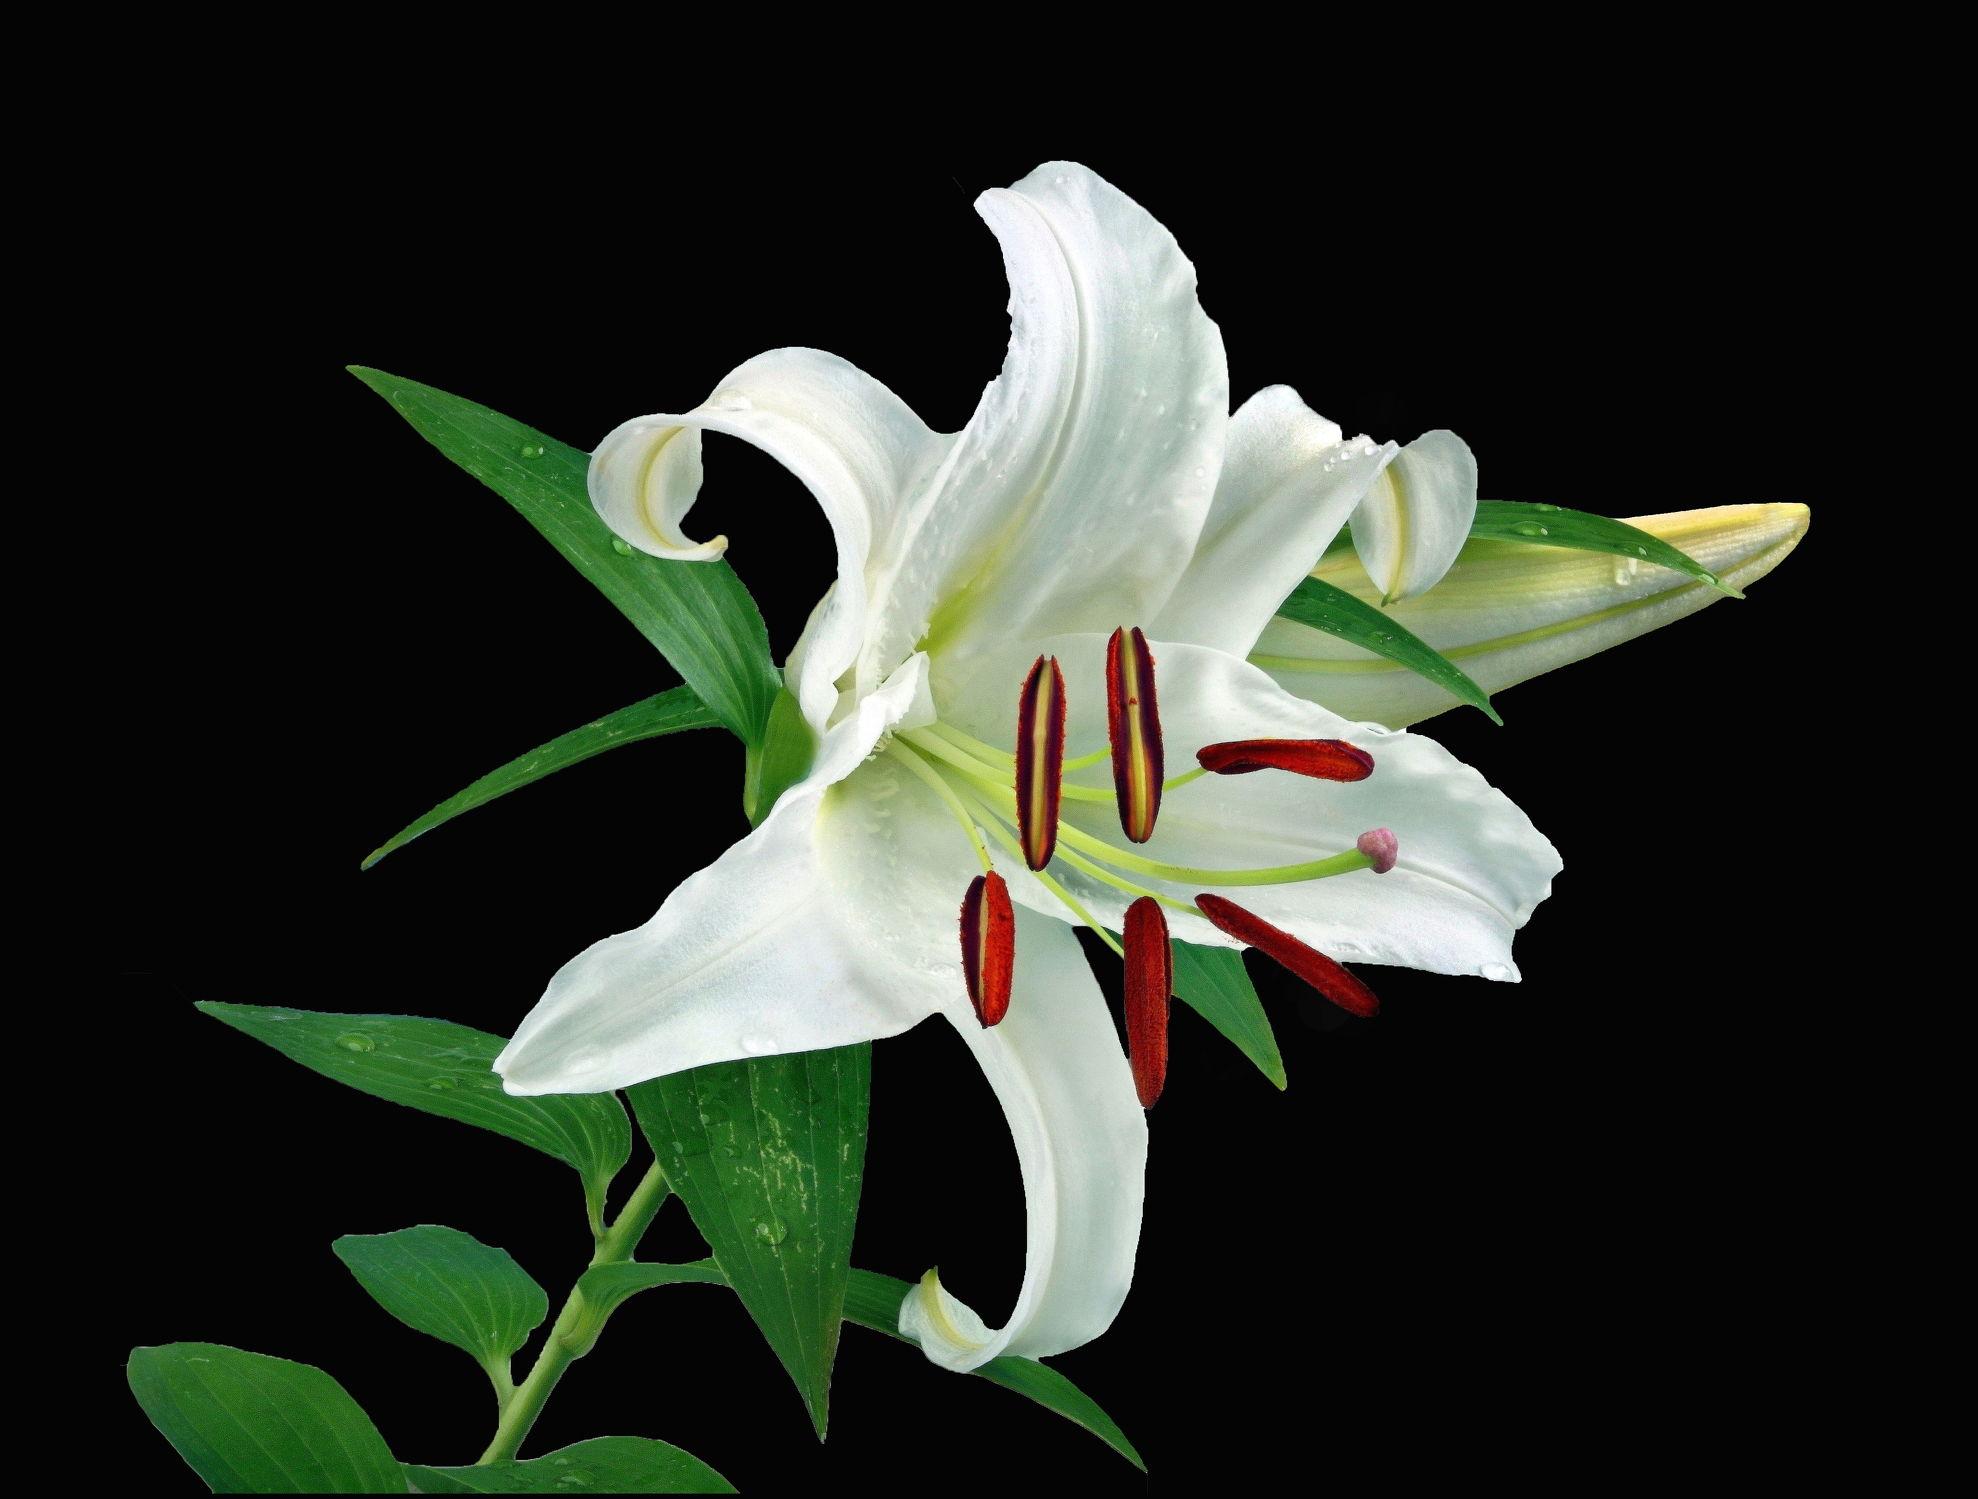 Bild mit Pflanzen, Blumen, Blume, Pflanze, Lilie, Lilien, Floral, Stilleben, Florales, blüte, blüte